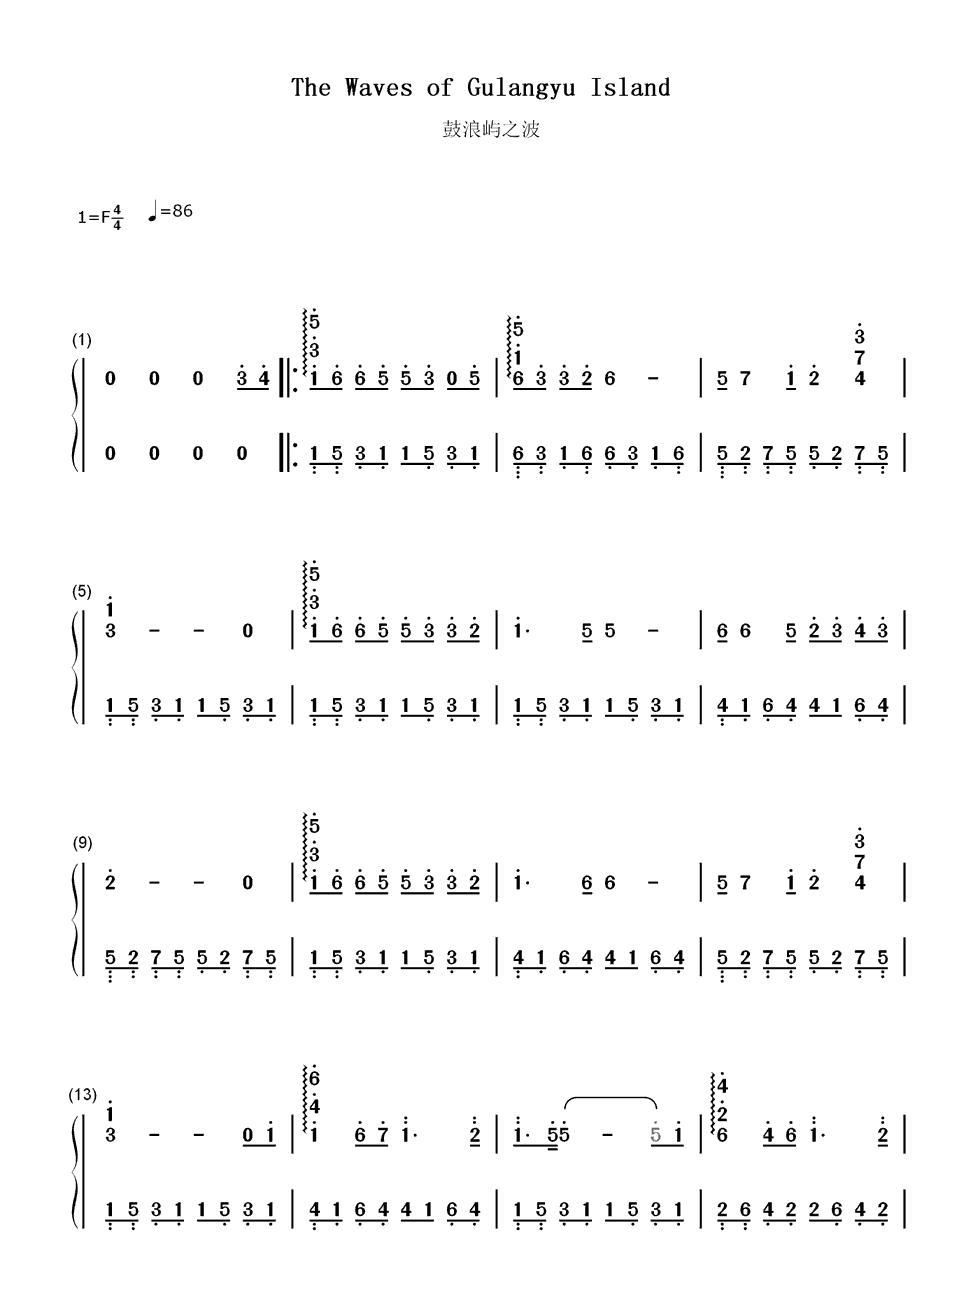 求鼓浪屿之波左手伴奏的简谱